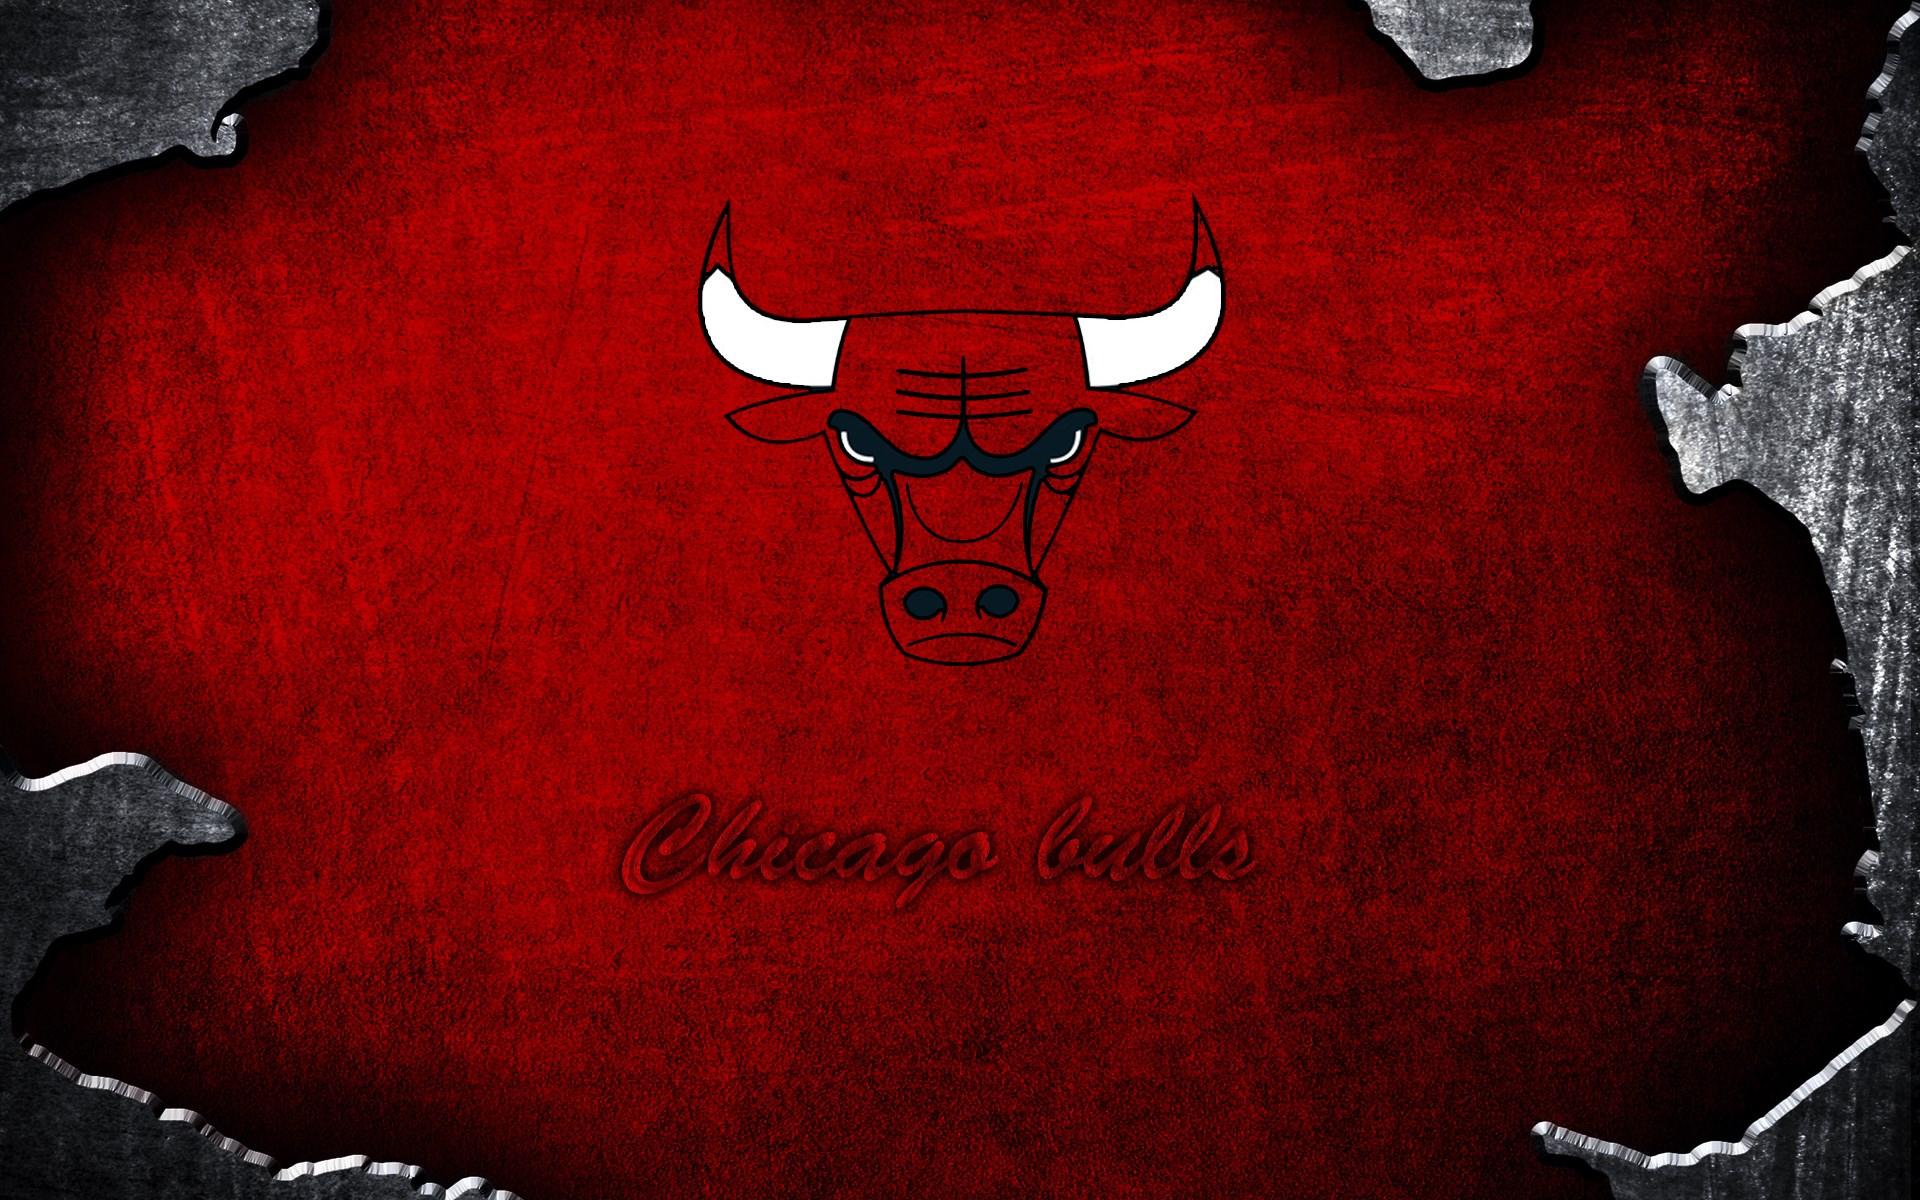 Chicago Bulls Wallpaper 3d 1472939 Hd Wallpaper Backgrounds